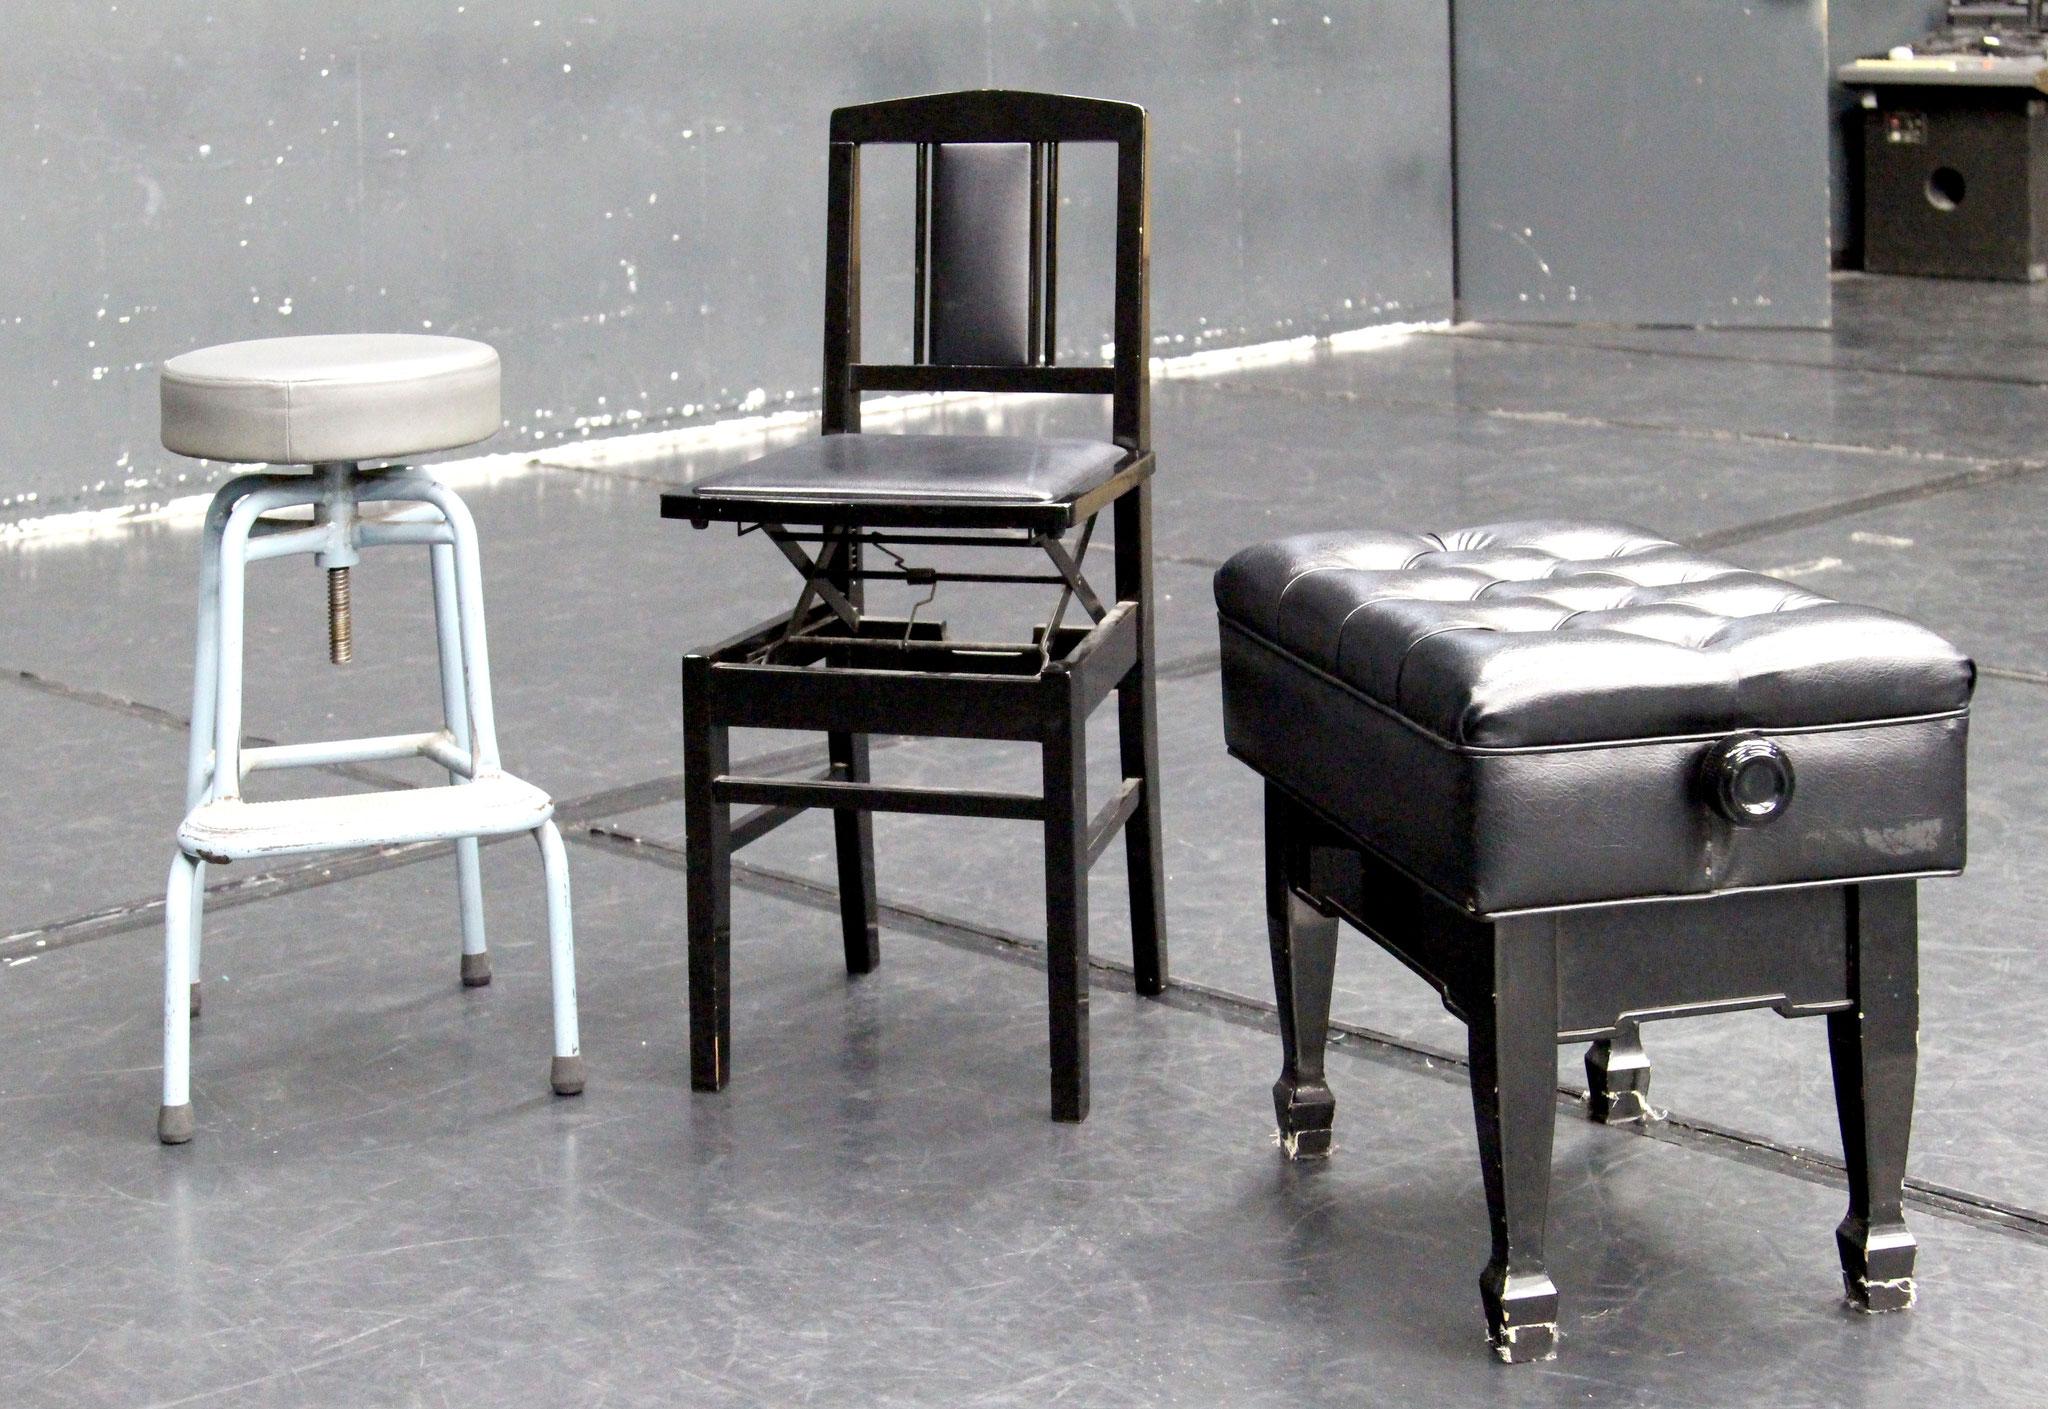 バス椅子 1脚 / 背付ピアノ椅子 2脚 / ピアノベンチ椅子 1脚